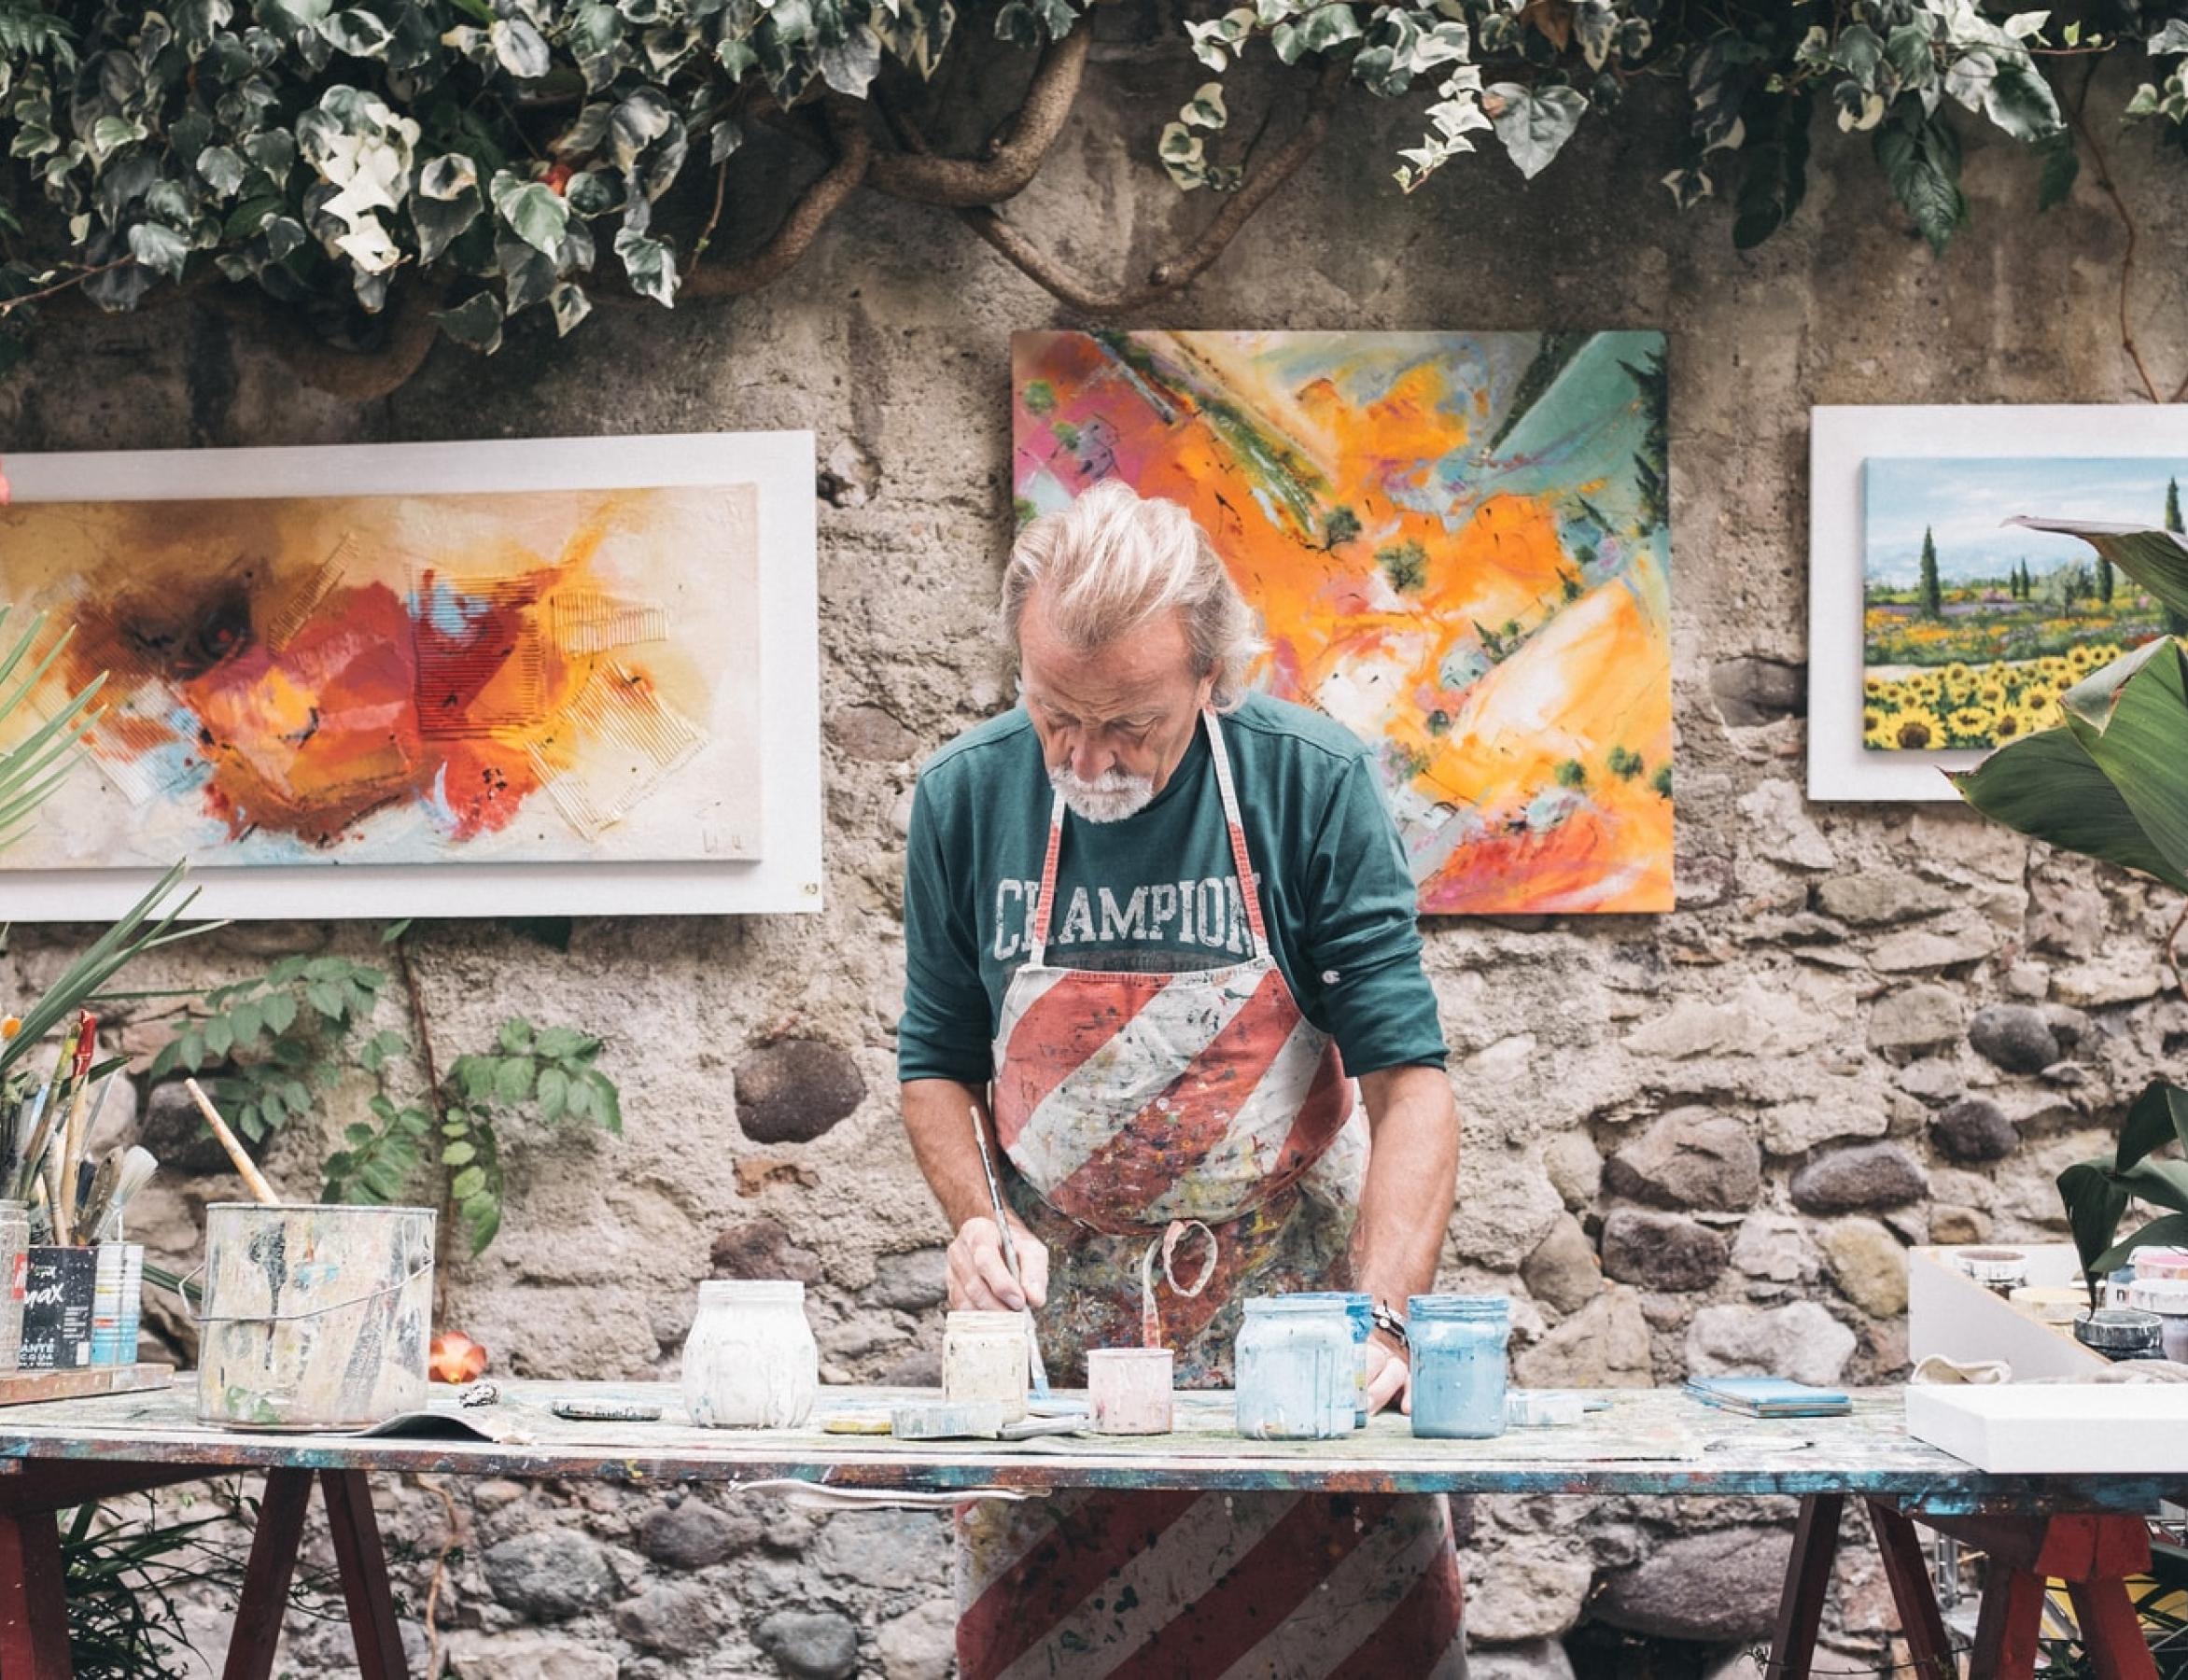 Older man painting in outdoor studio